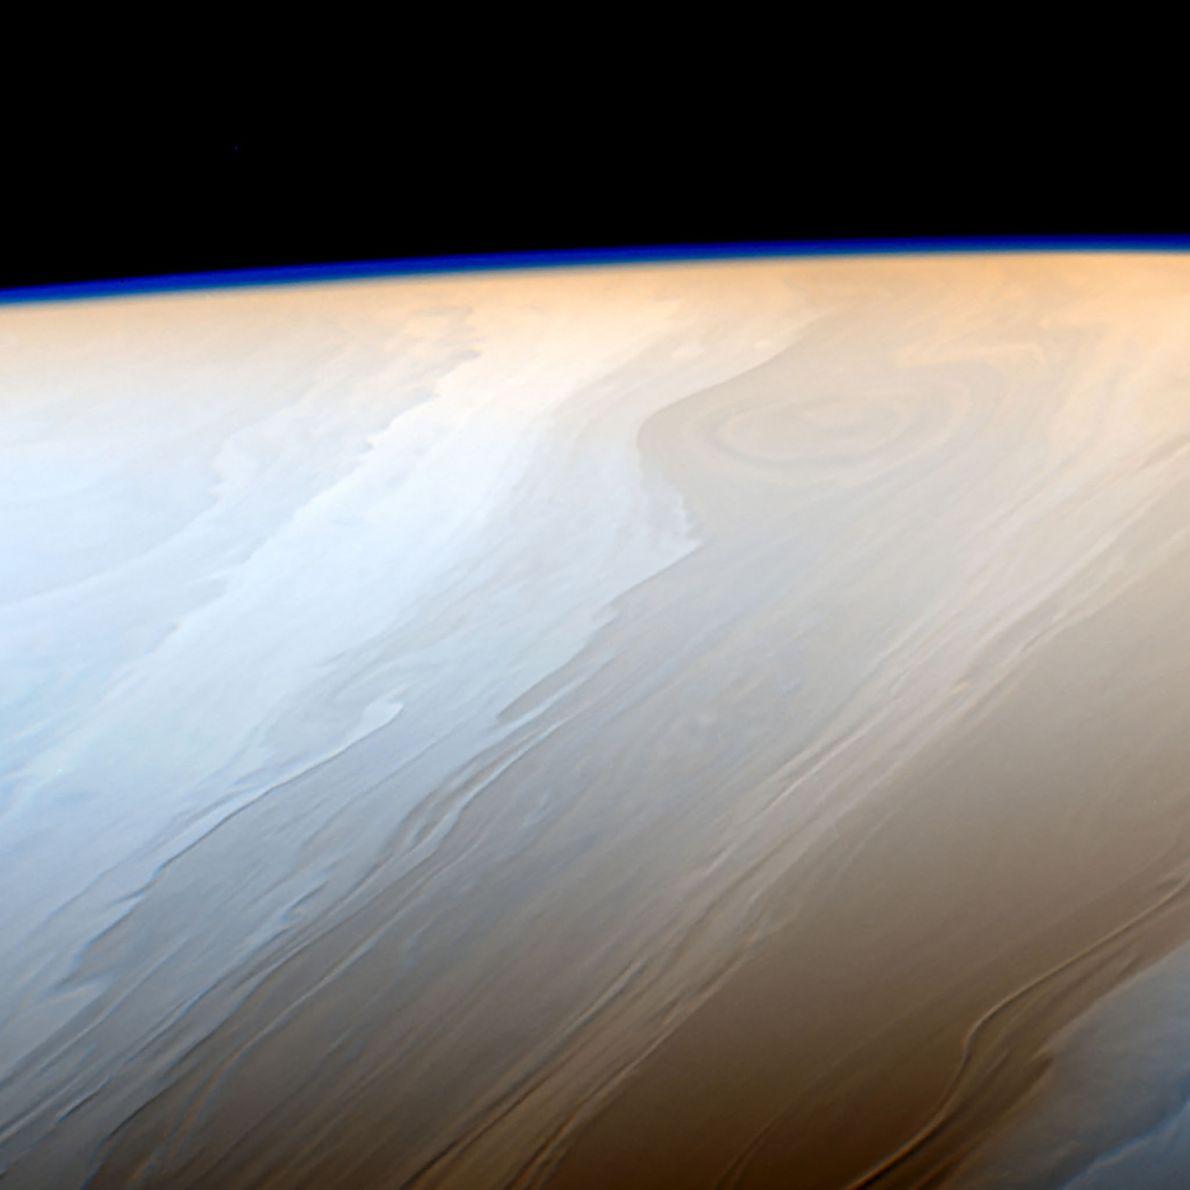 La haute atmosphère de Saturne génère une légère brume sur cette image prise par Cassini.